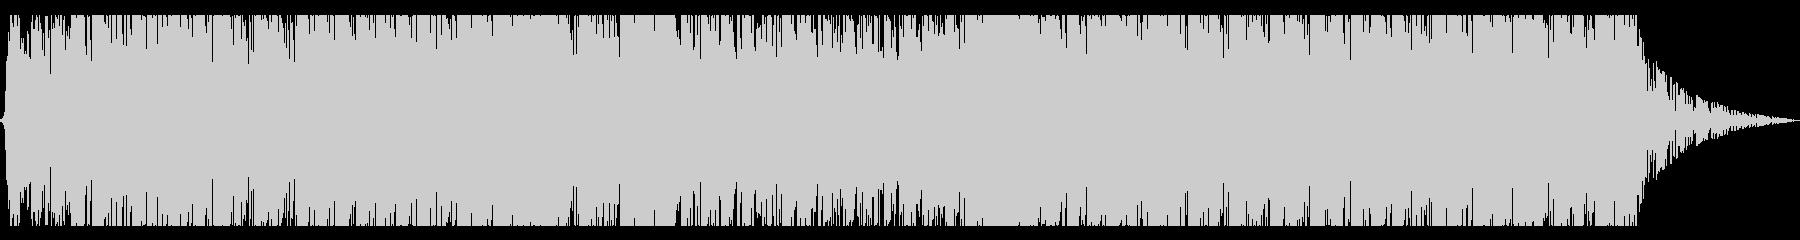 フルオーケストラによる物語の解決の未再生の波形